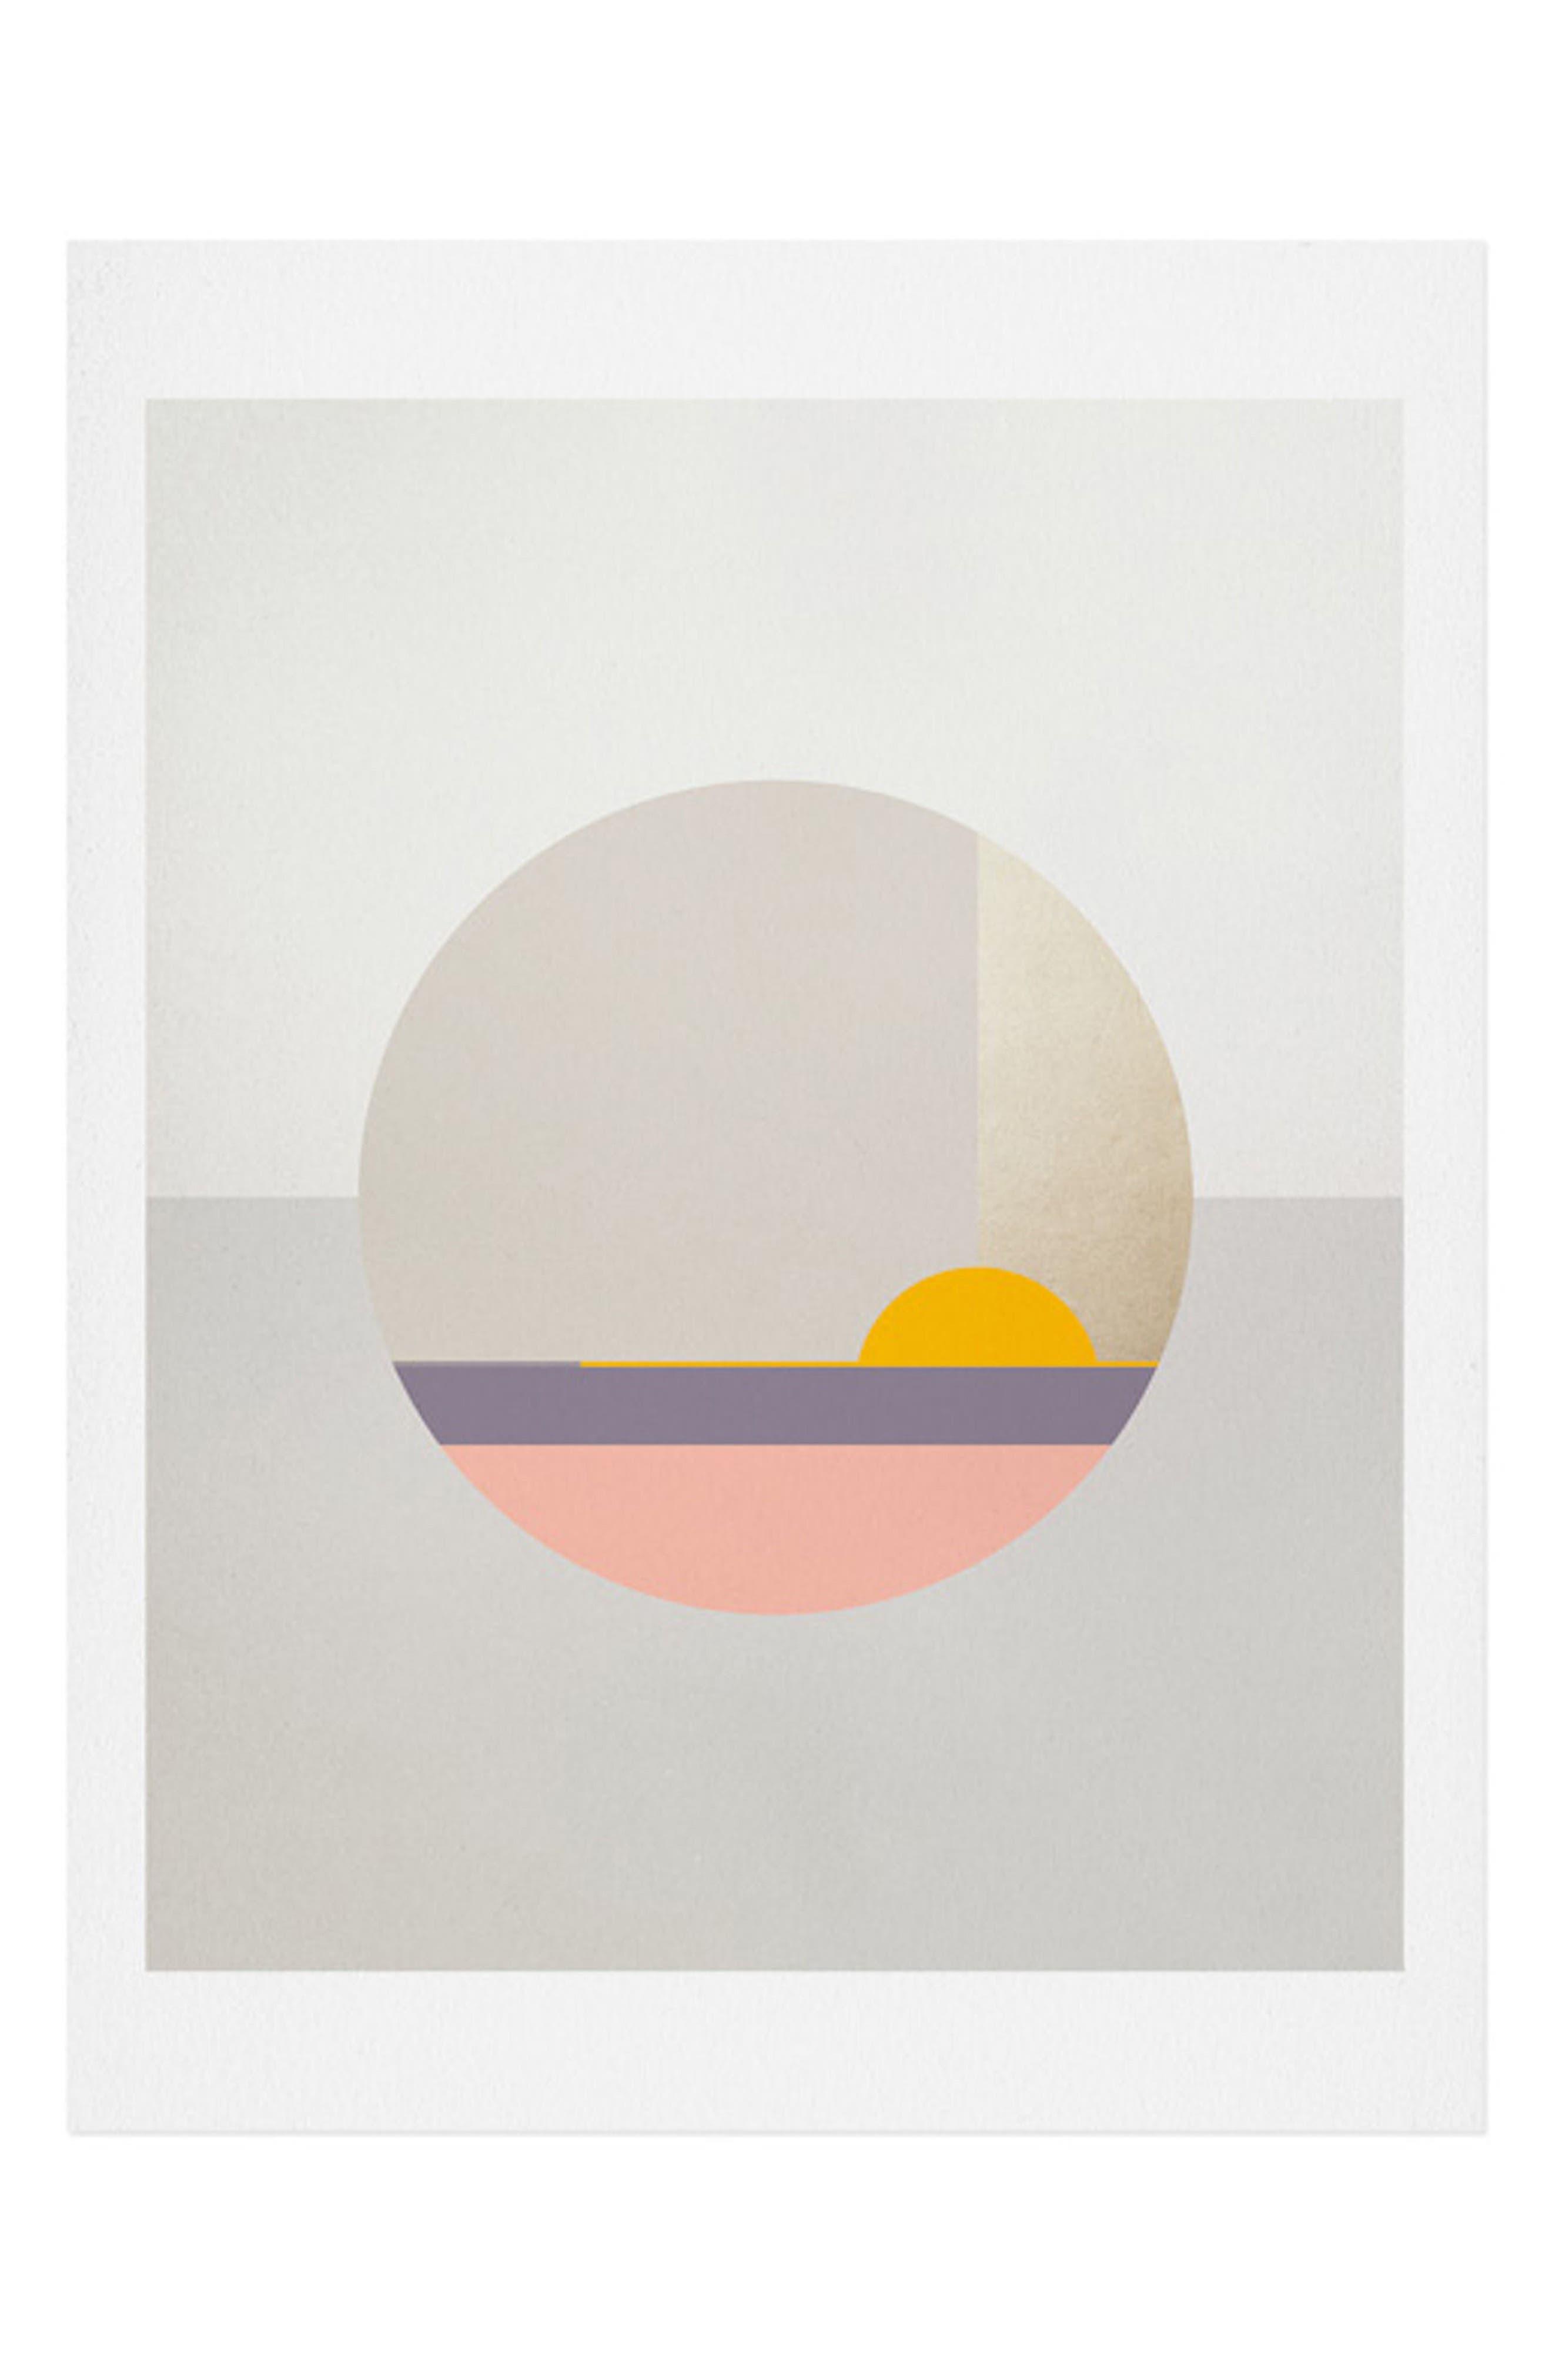 Iveta Abolina - Bloc de Couleur II Art Print,                             Main thumbnail 1, color,                             020